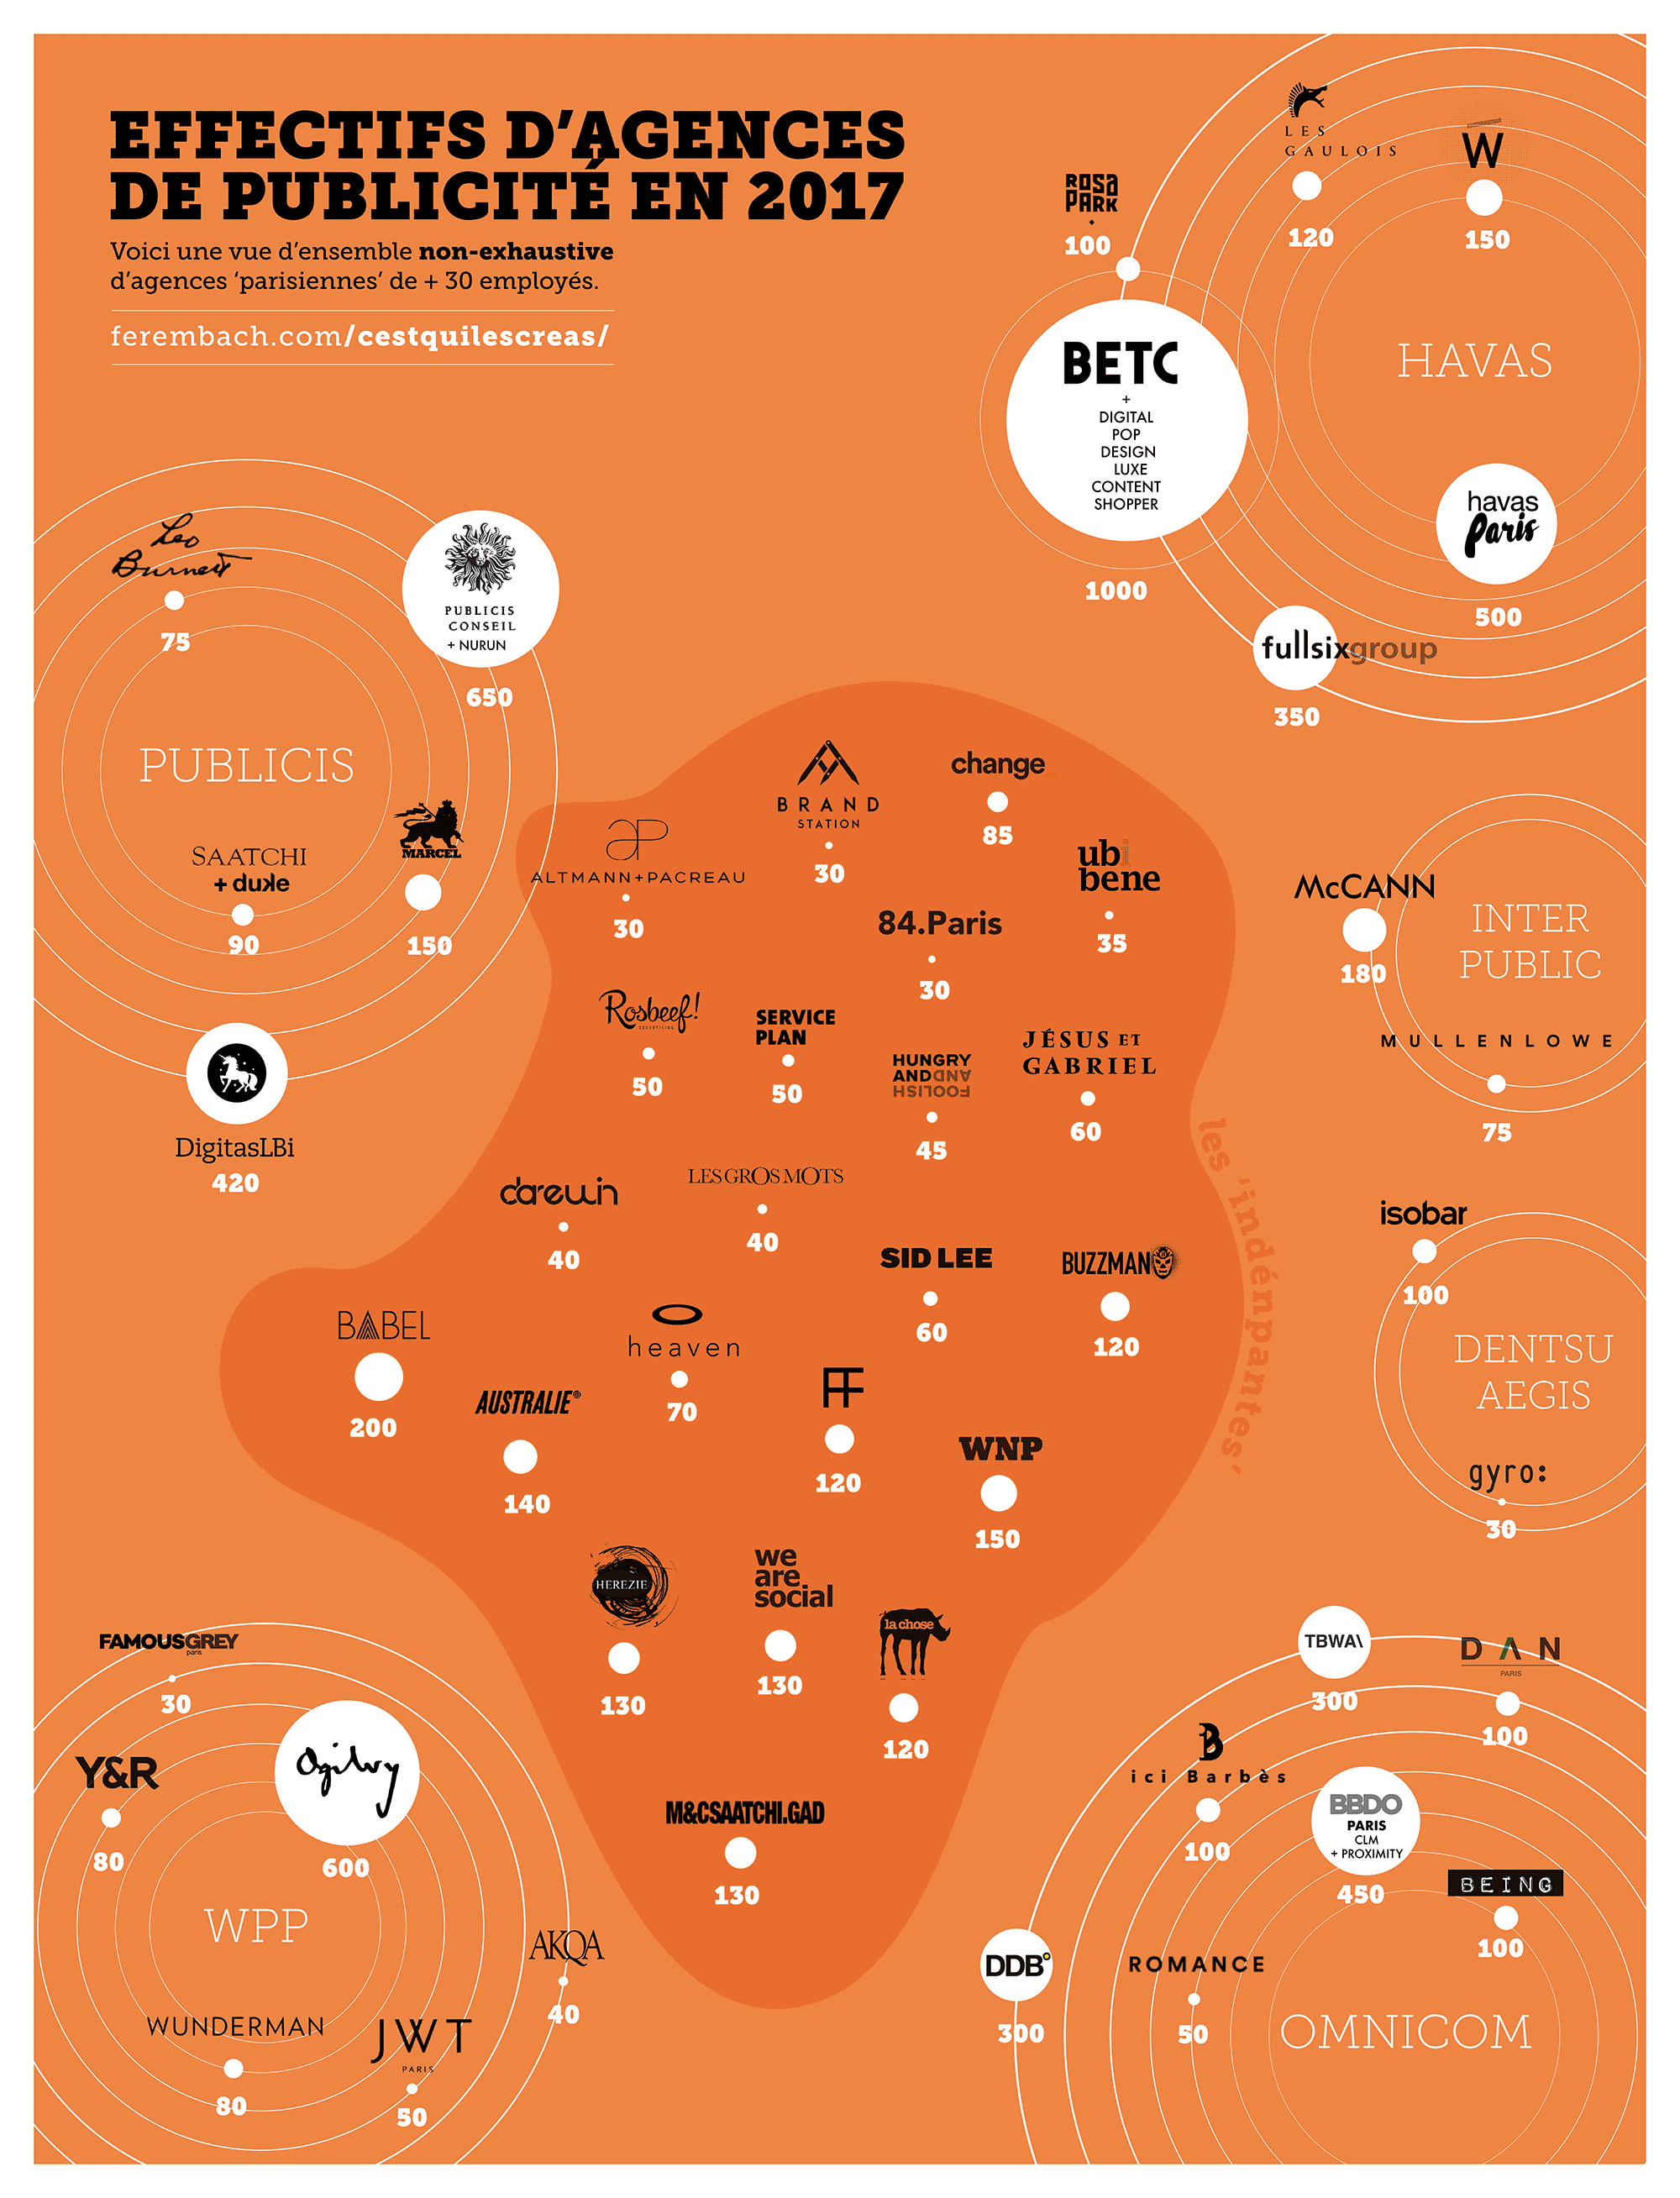 Les agences de publicité en 2017